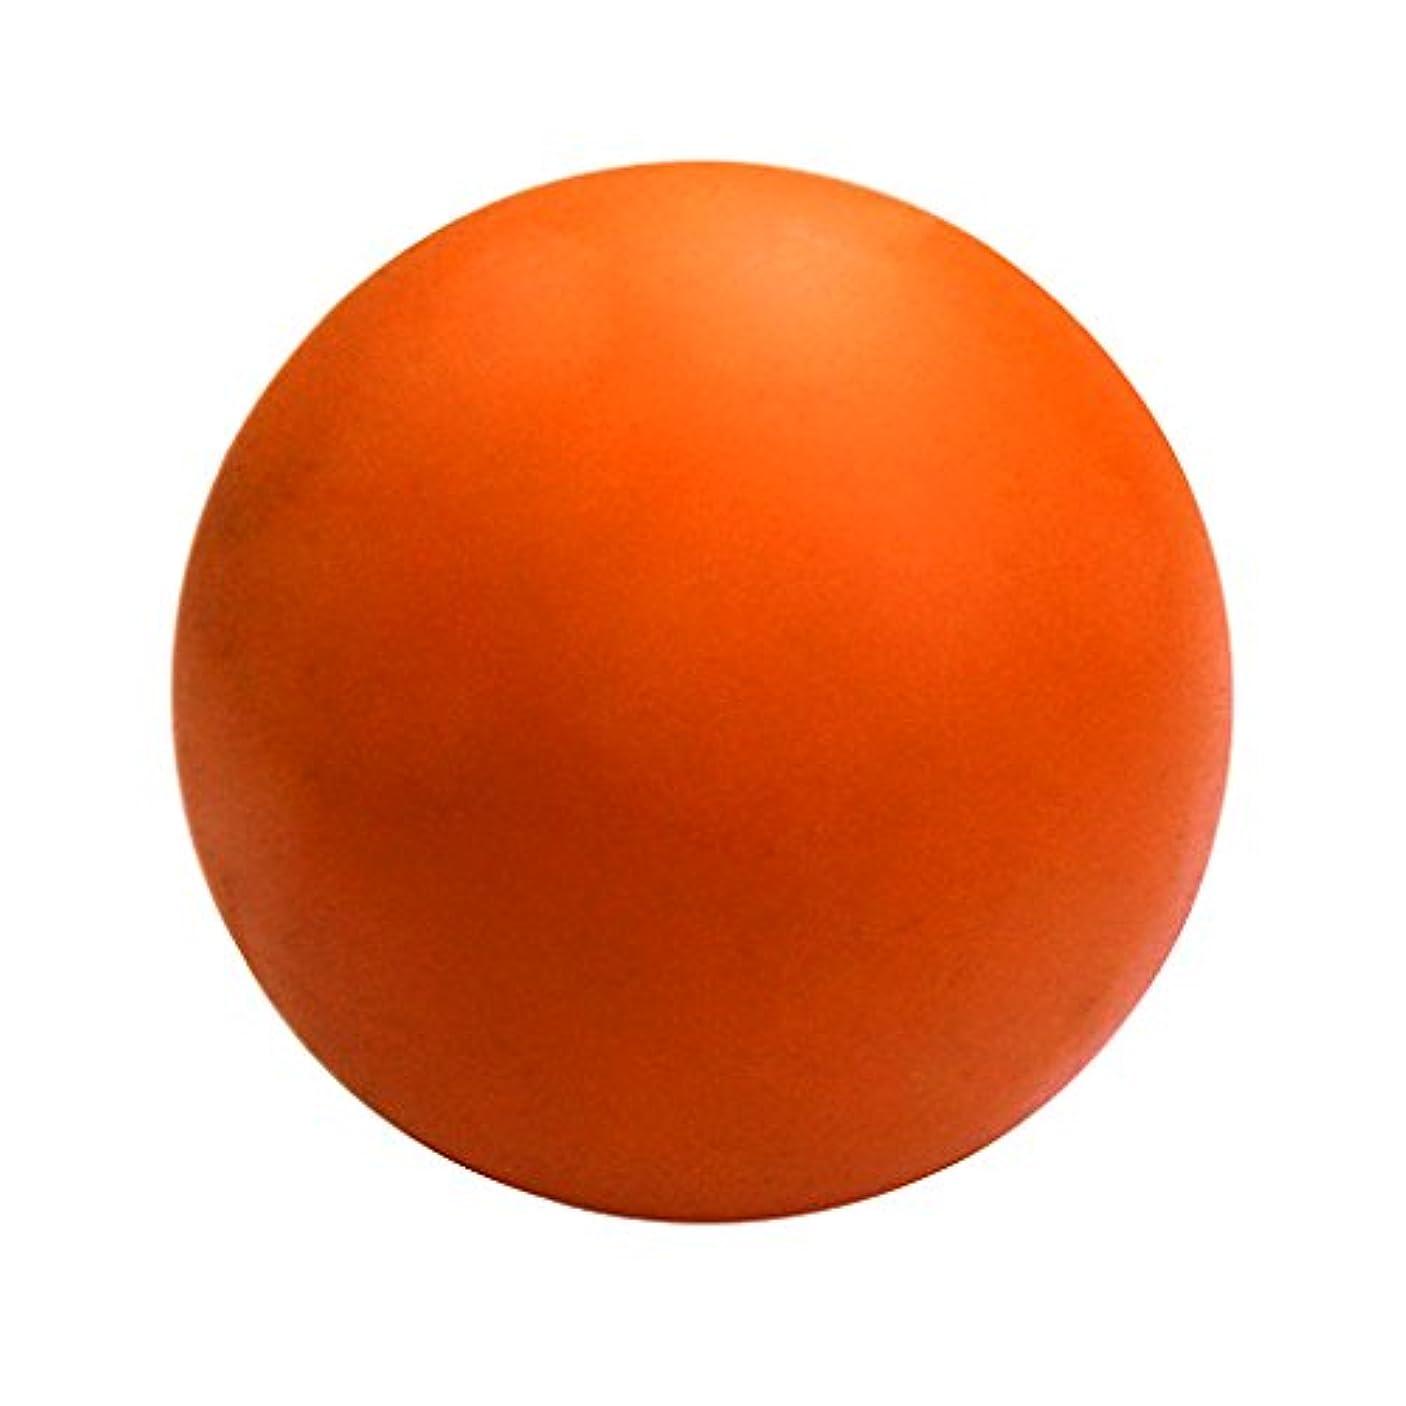 制裁信頼死傷者D DOLITY ラクロスマッサージボール 運動療法 足 腕 首 背中 足首 筋肉マッサージ オレンジ